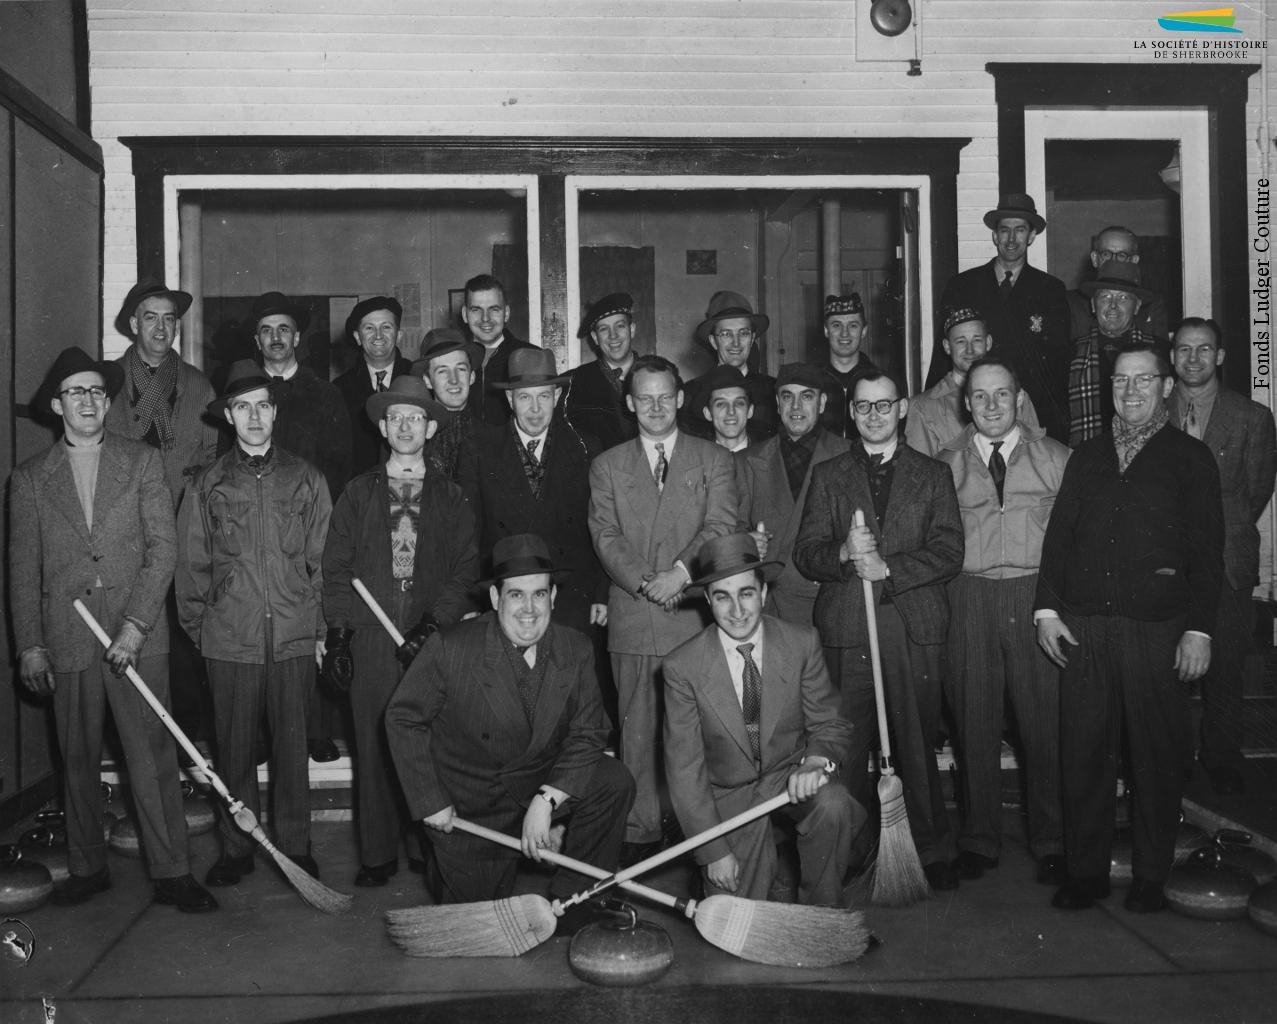 Des membres de la ligue de curling de la Kayser, réunis au club sur la rue Abénaquis, à la fin des années 1940. La plupart des usines organisent de telles ligues pour divers sports – balle-molle, hockey, etc.